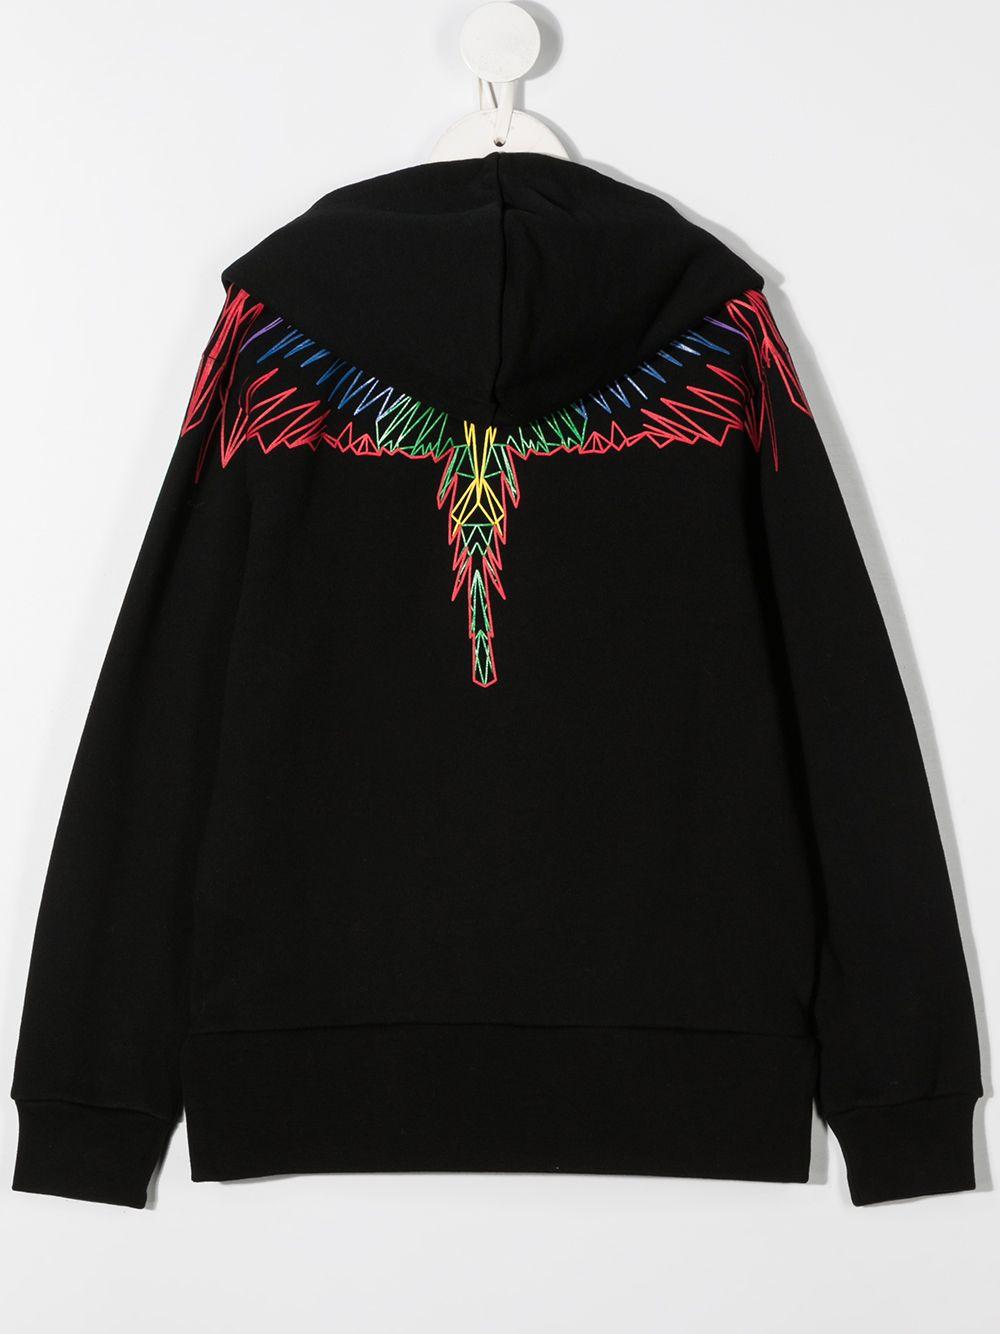 Marcelo burlon   Sweatshirt   MB21040020B010